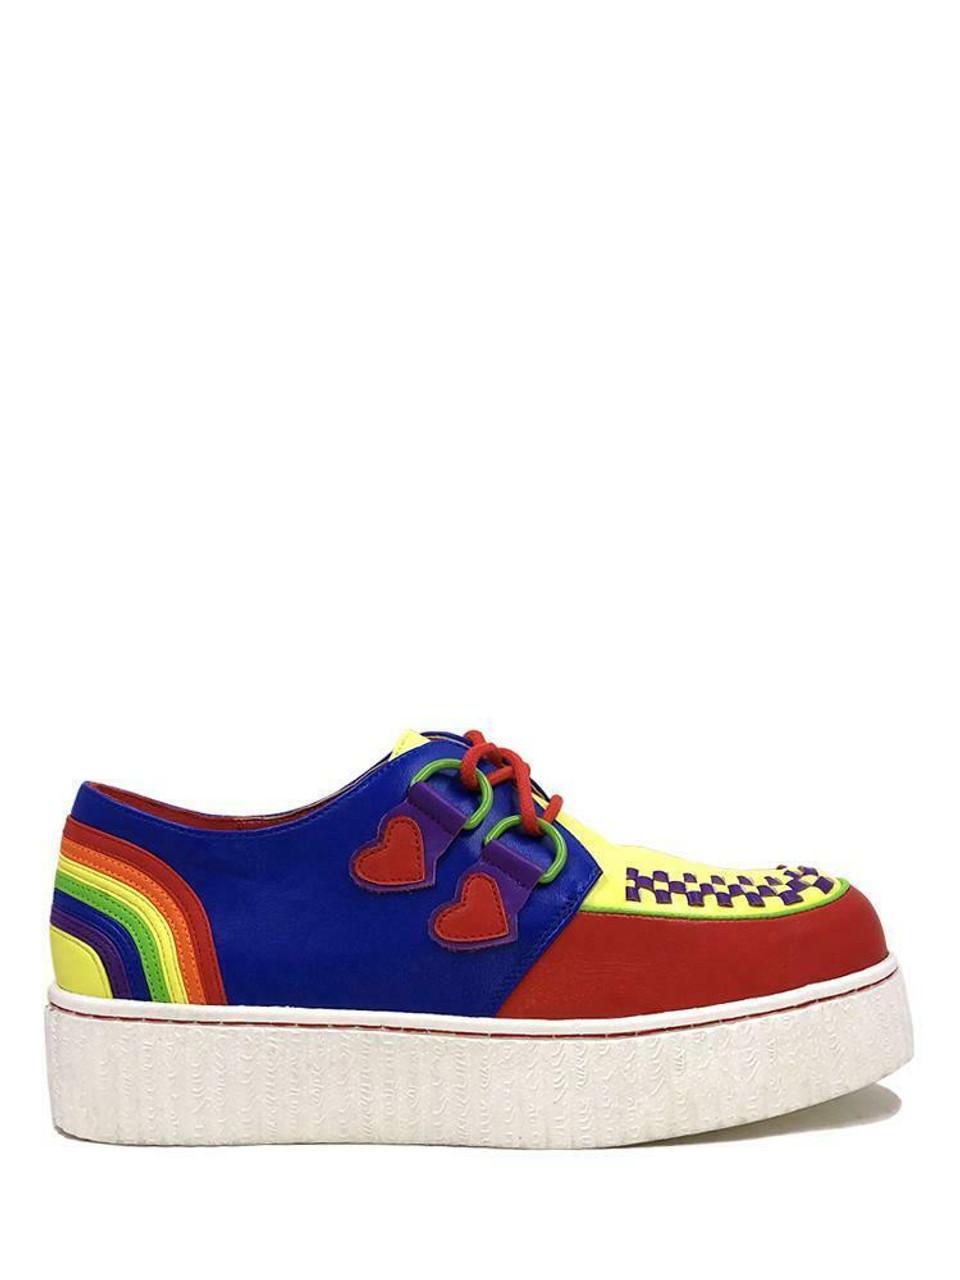 Acquisti Online 2 Sconti su Qualsiasi Caso rainbow pride